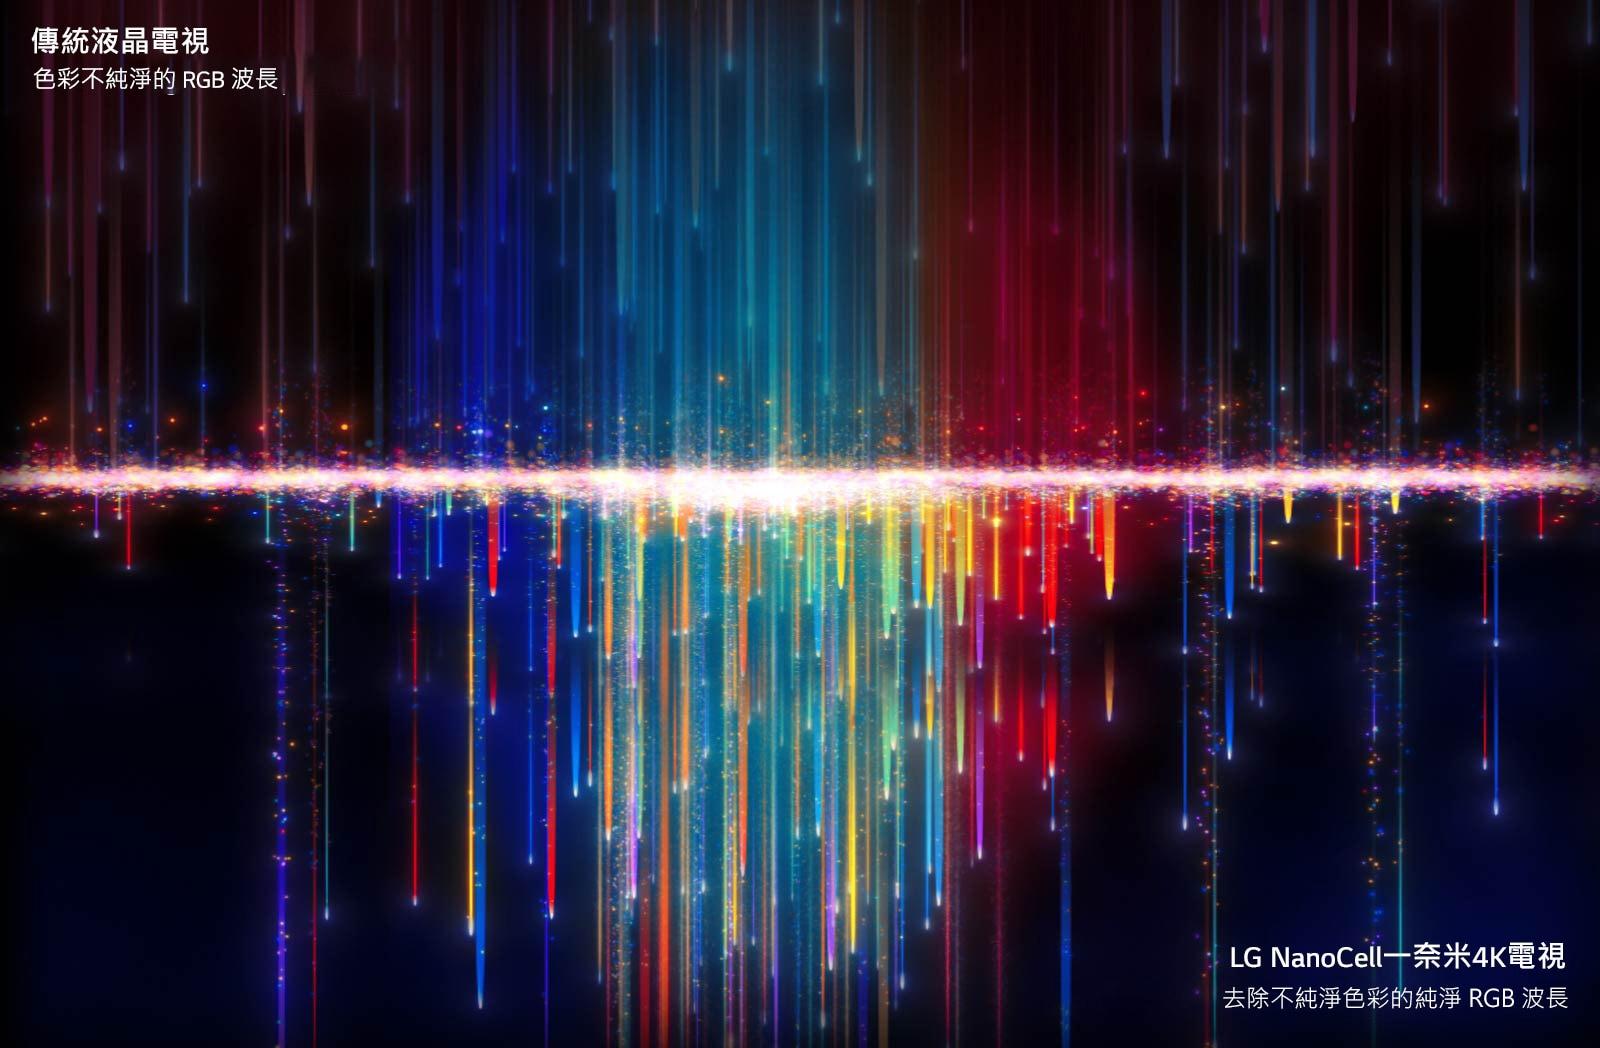 傳統電視頂部穿過 NanoCell 濾光片看到的不純淨色彩,會在底部產生純色(播放影片)。